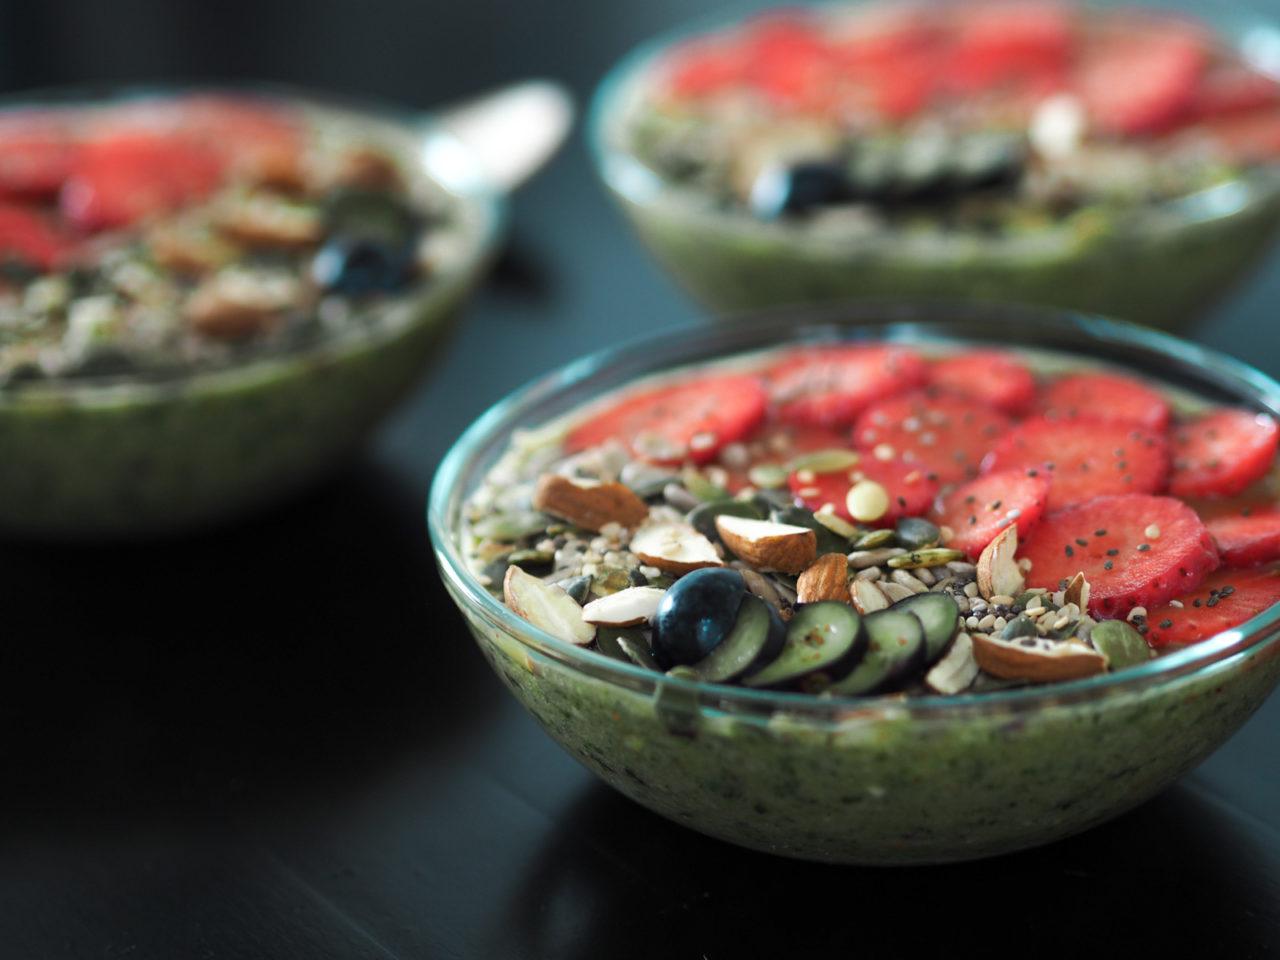 sund og frisk grøn smoothieskaal til morgenmad – delicious and healthy green smoothie bowl.